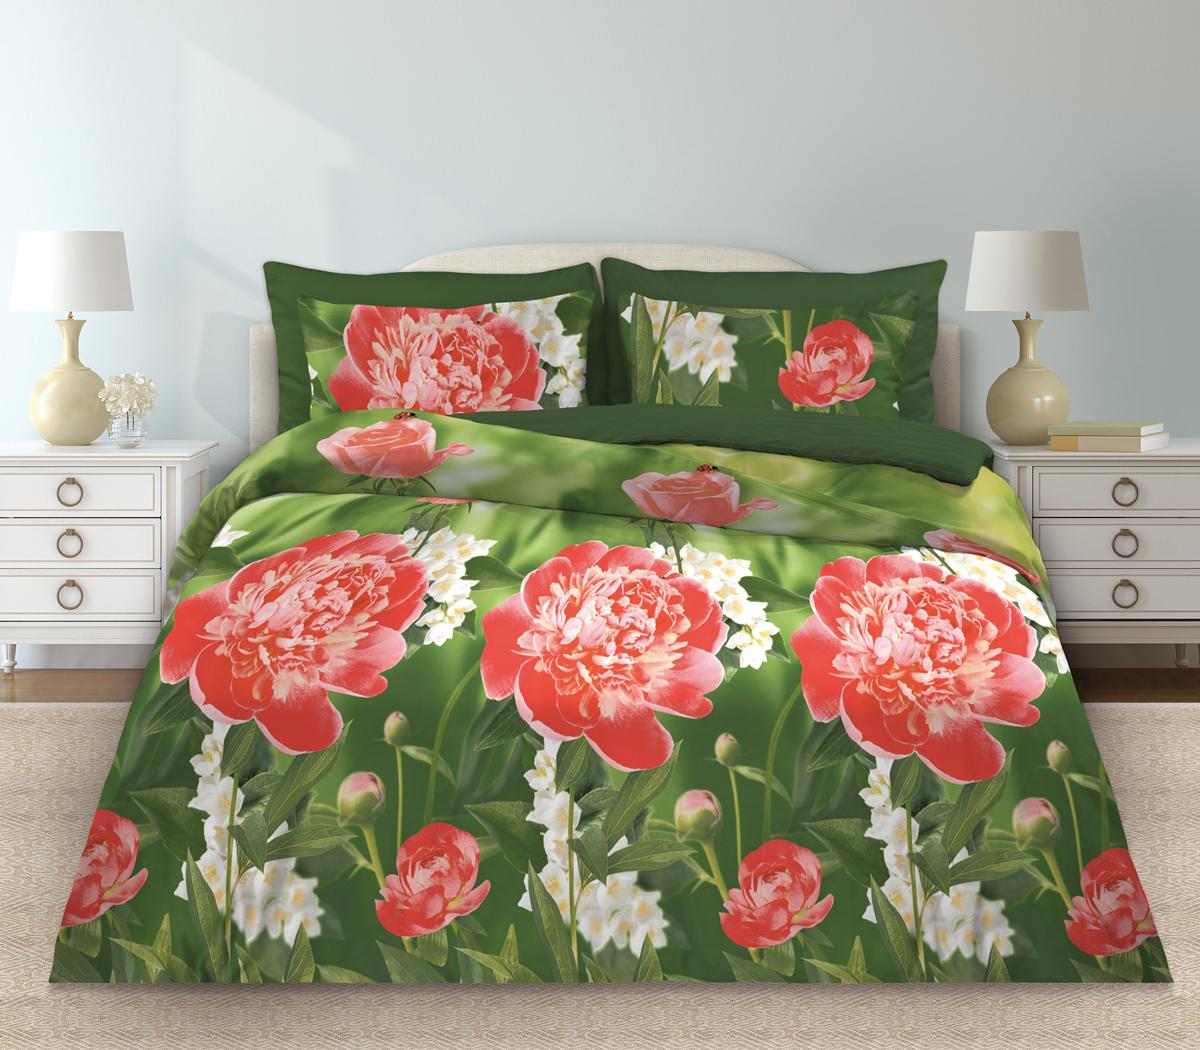 Комплект белья Любимый дом Пионы, евро, наволочки 70 х 70, цвет: розовый. 331152331152Комплект постельного белья коллекции «Любимый дом» - выполнен из высококачественной ткани из 100% хлопка. Такое белье абсолютно натуральное, гипоаллергенное, соответствует строжайшим экологическим нормам безопасности, комфортное, дышащее, не нарушает естественные процессы терморегуляции, прочное, не линяет, не деформируется и не теряет своих красок даже после многочисленных стирок, а также отличается хорошей износостойкостью.